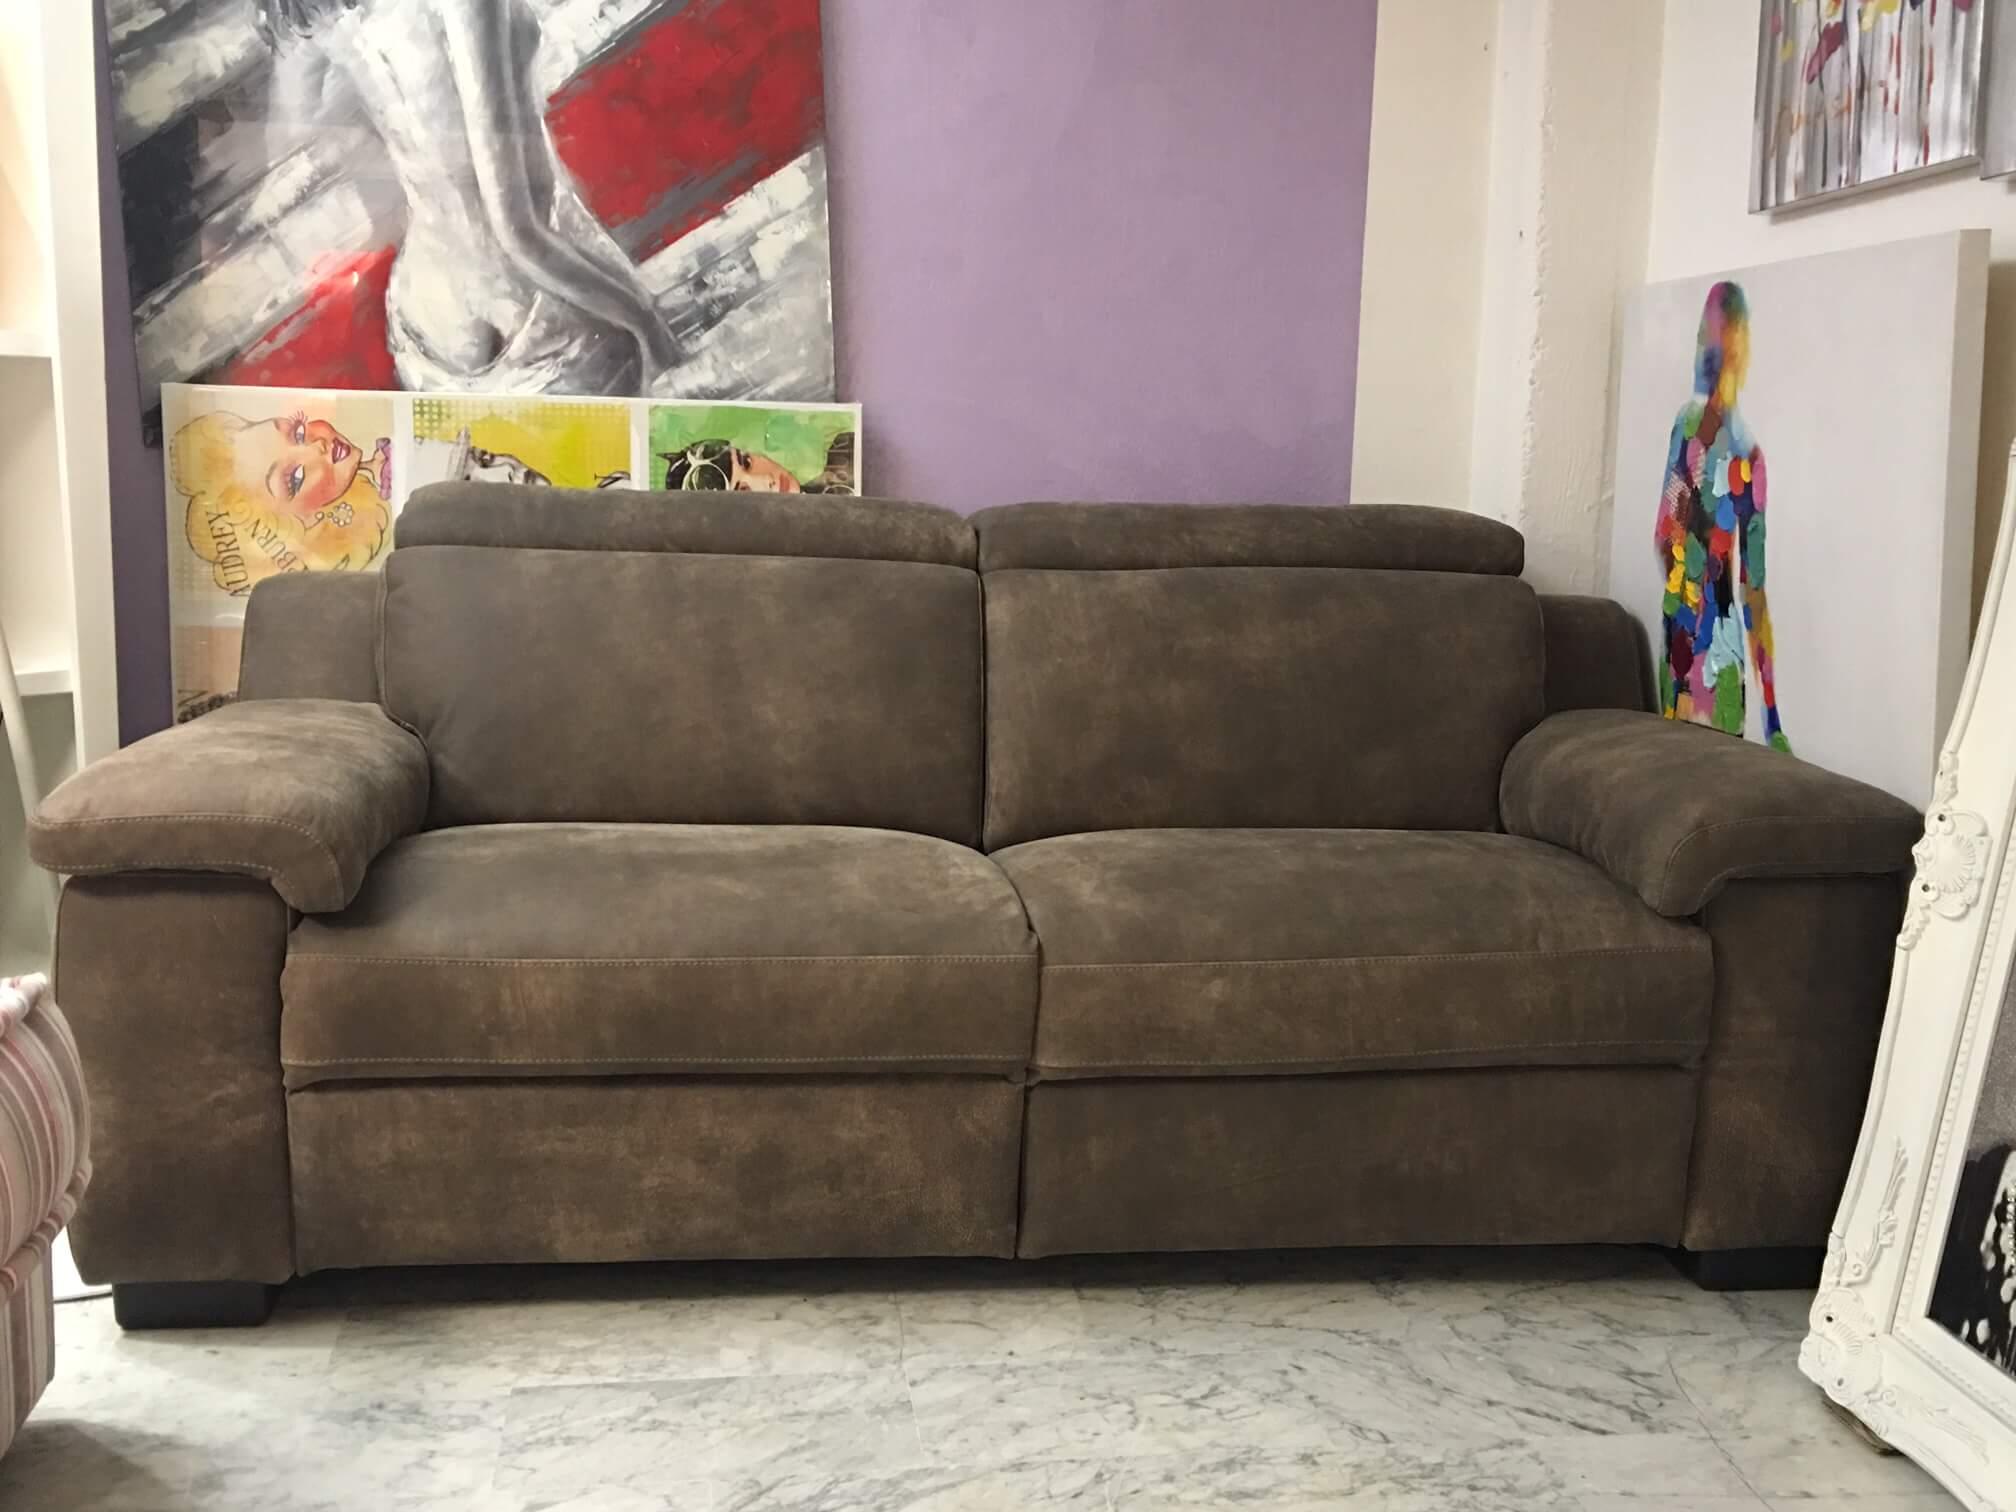 Divano 3 posti con 2 relax motorizzati in pelle modello picasso divani in svendita in svendita - Divano 2 posti relax ...